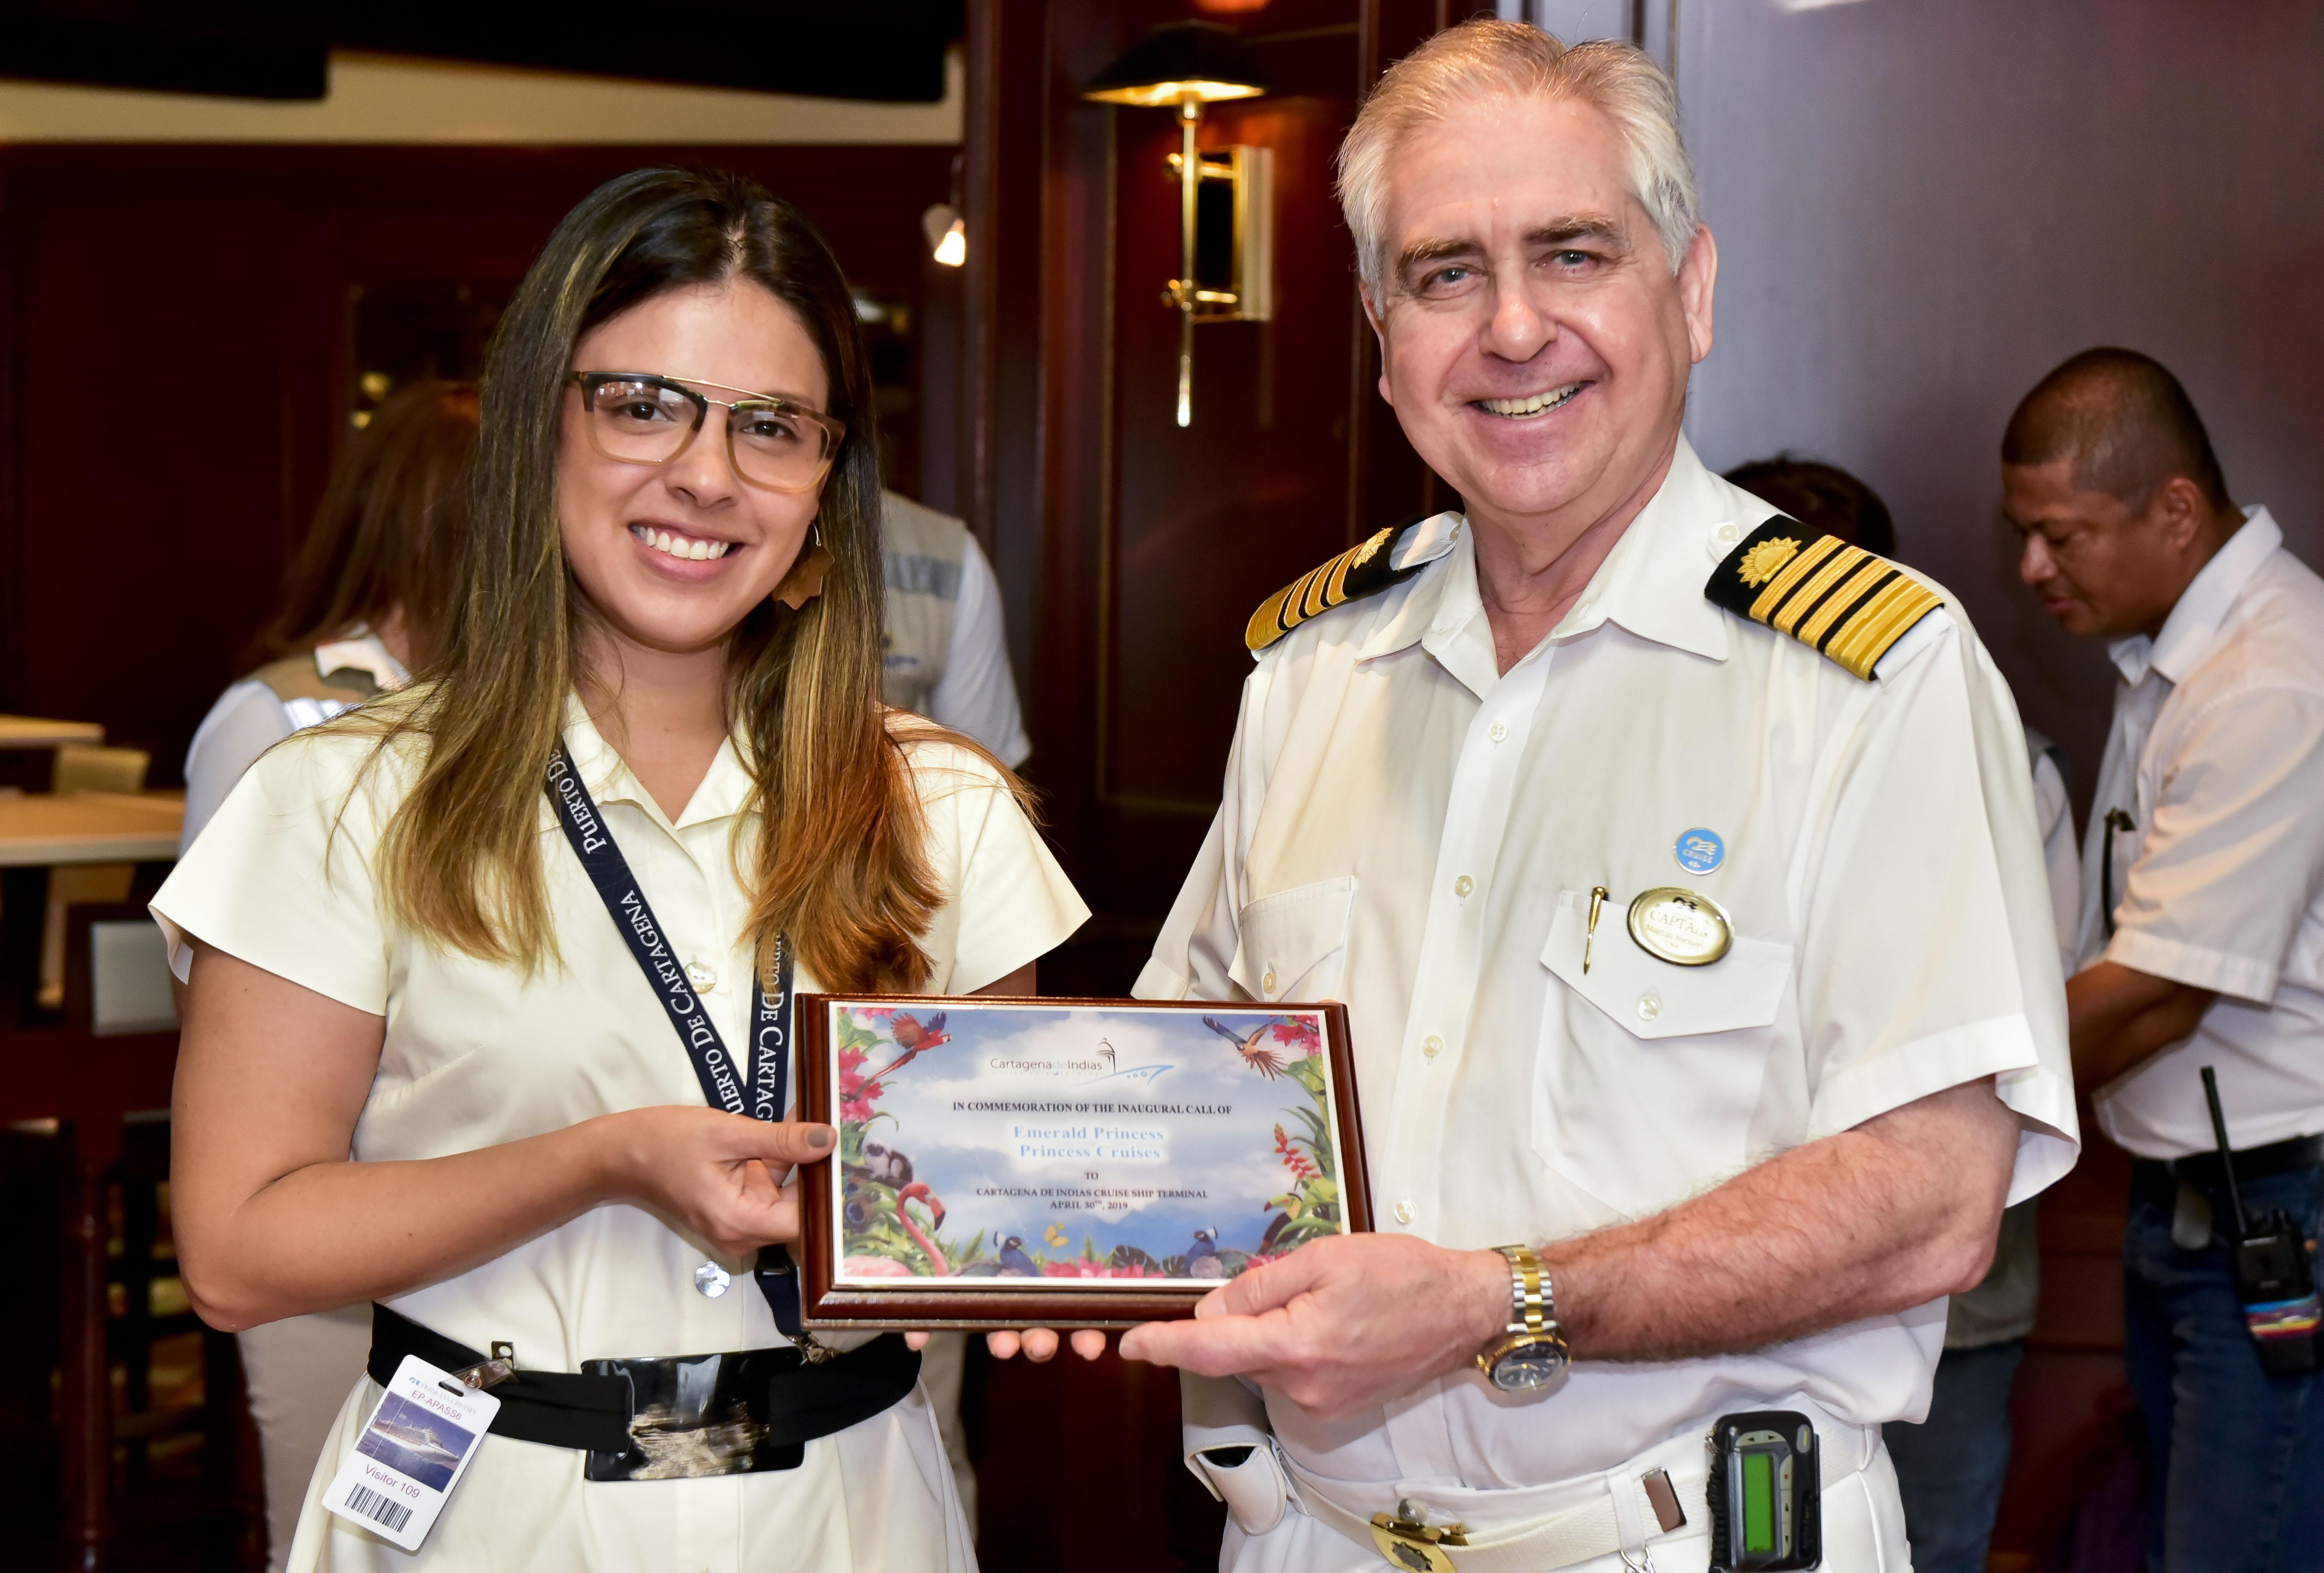 Hector Rico S-Grupo Puerto de Cartagena